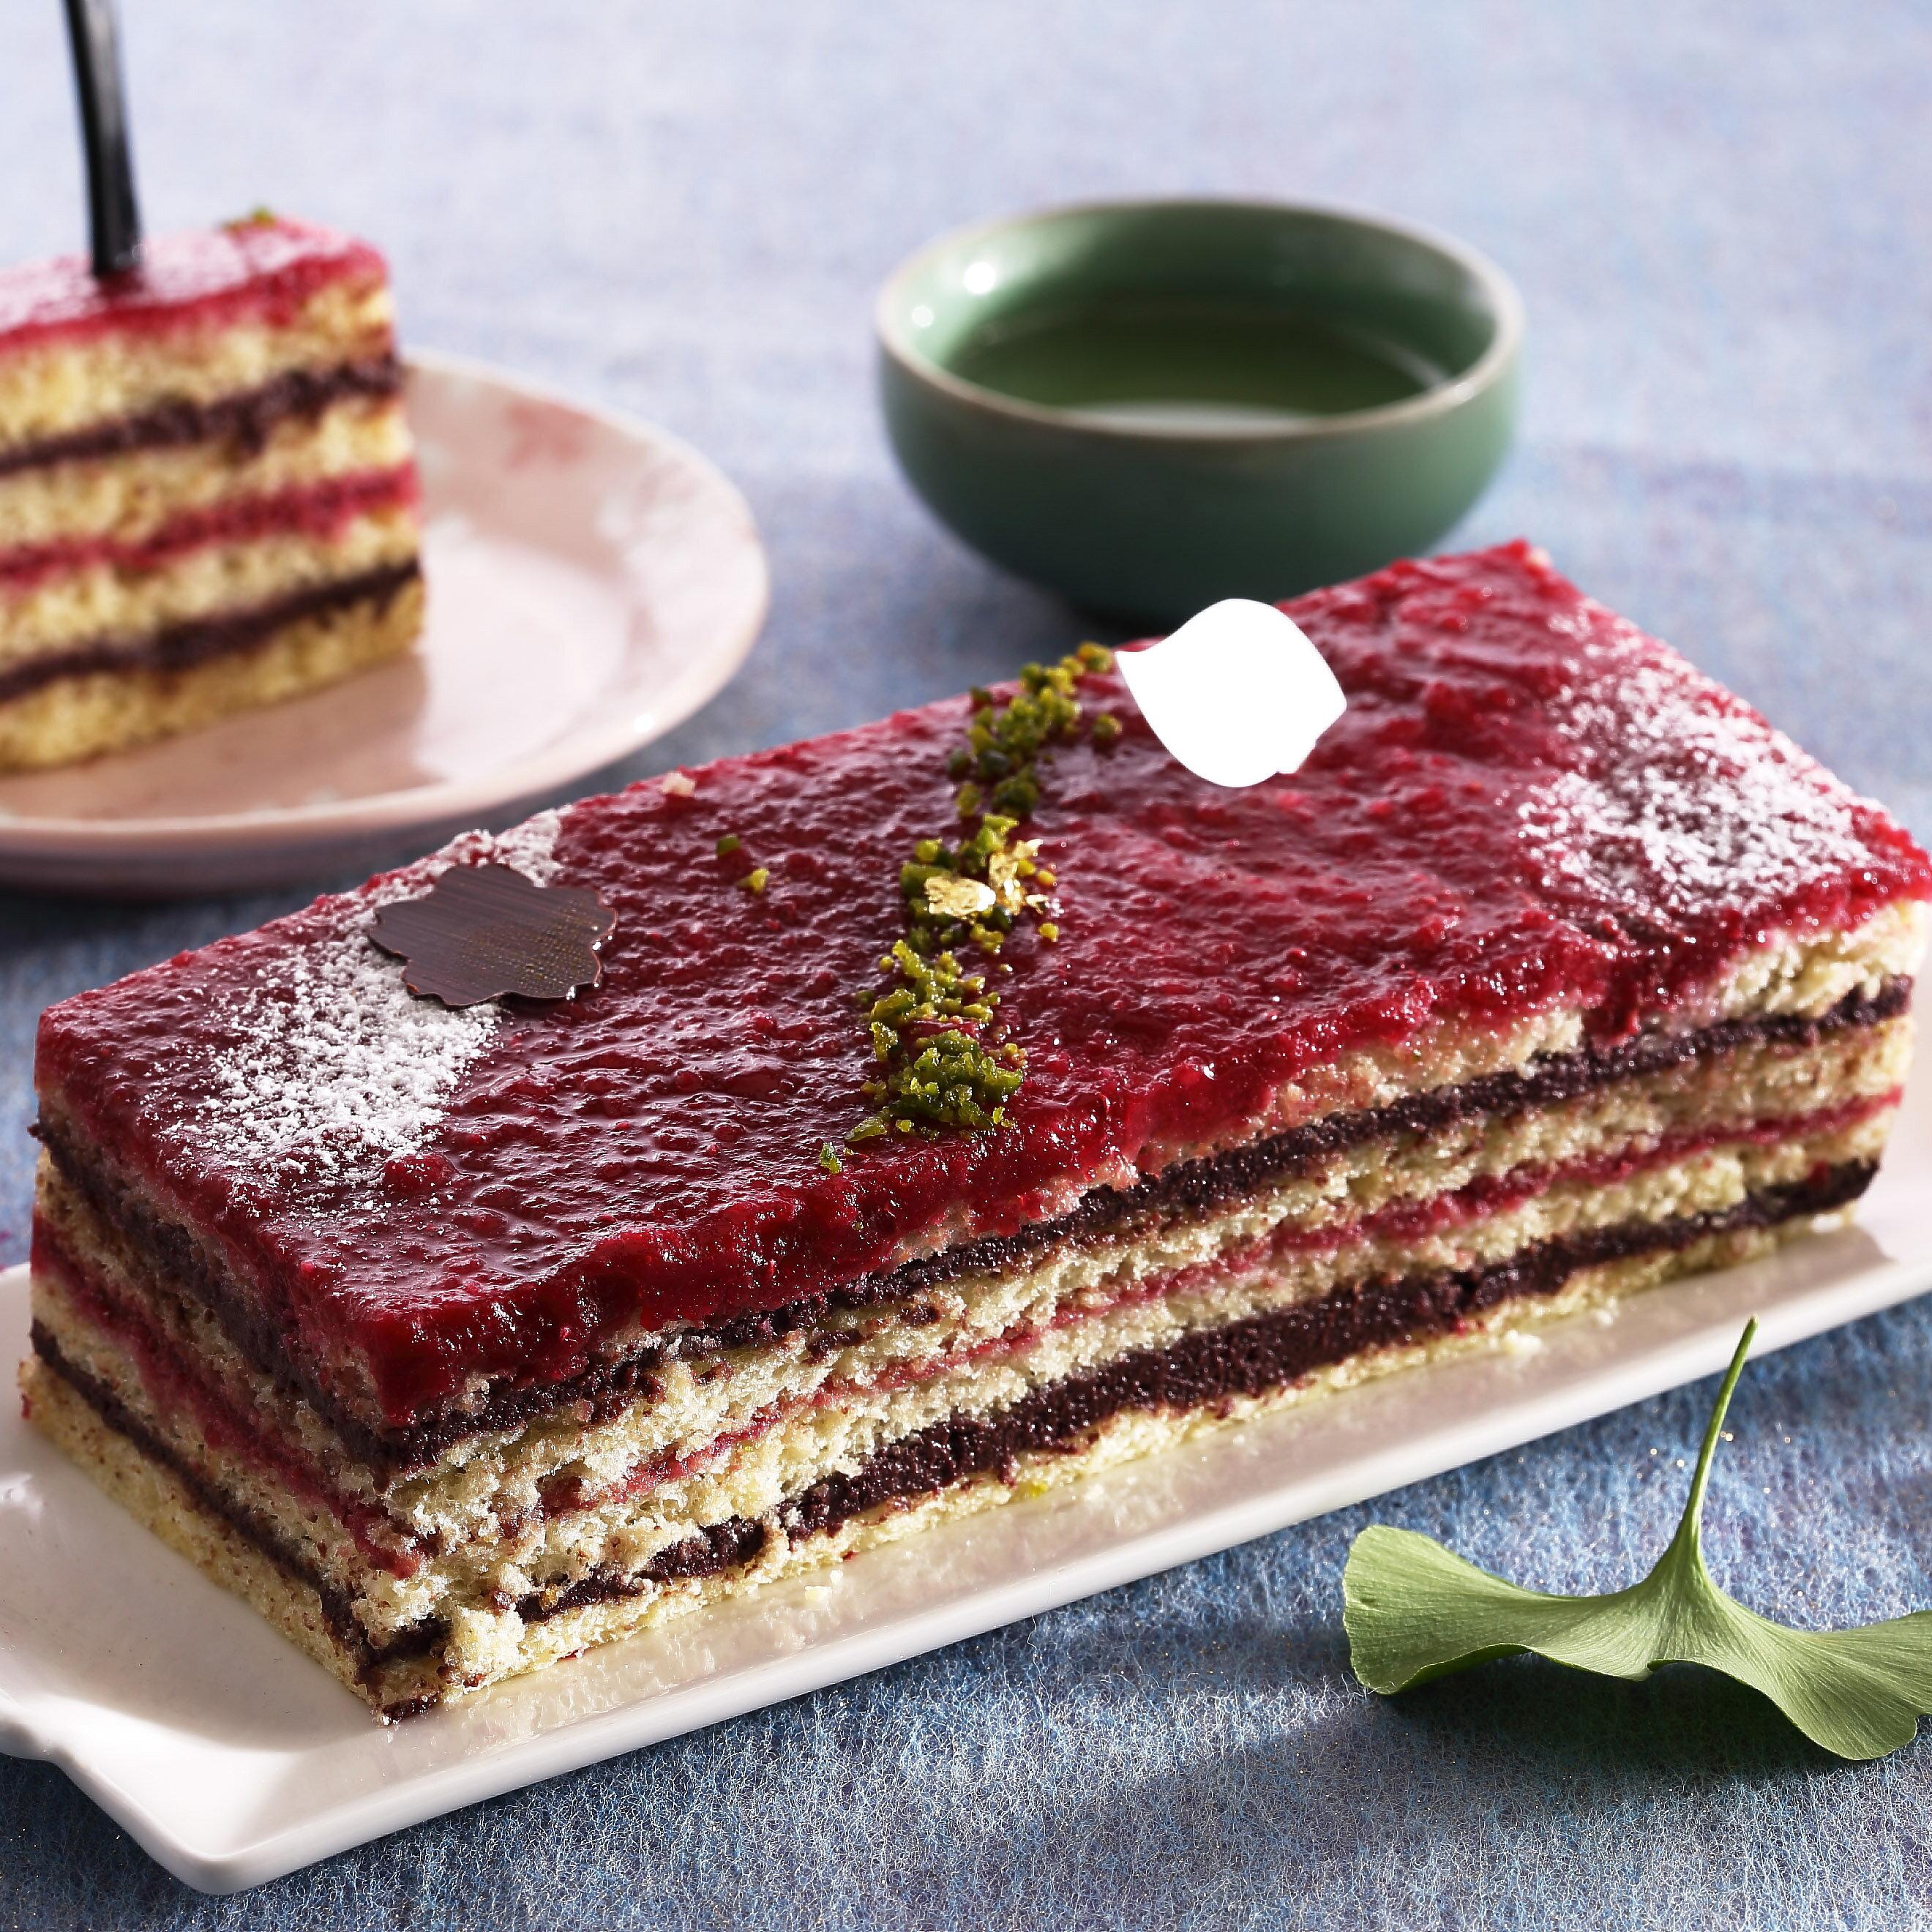 【七見櫻堂】八重京緋★黑醋栗蔓越莓蛋糕 - 長條禮盒★ - 限時優惠好康折扣